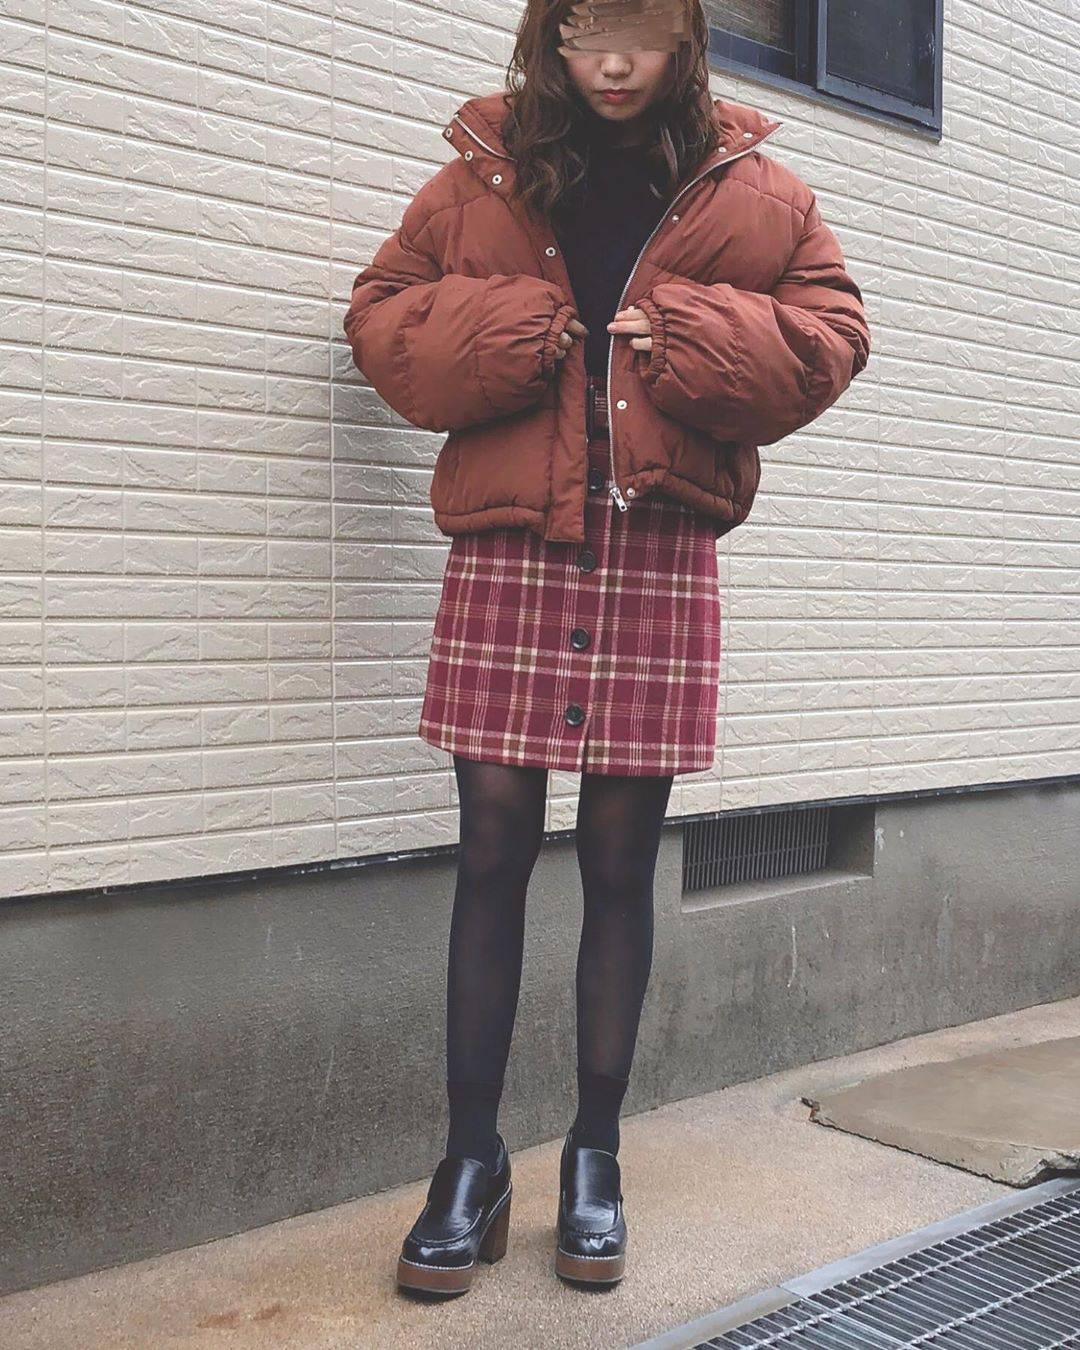 最高気温16度・最低気温5度 flower_22227の服装